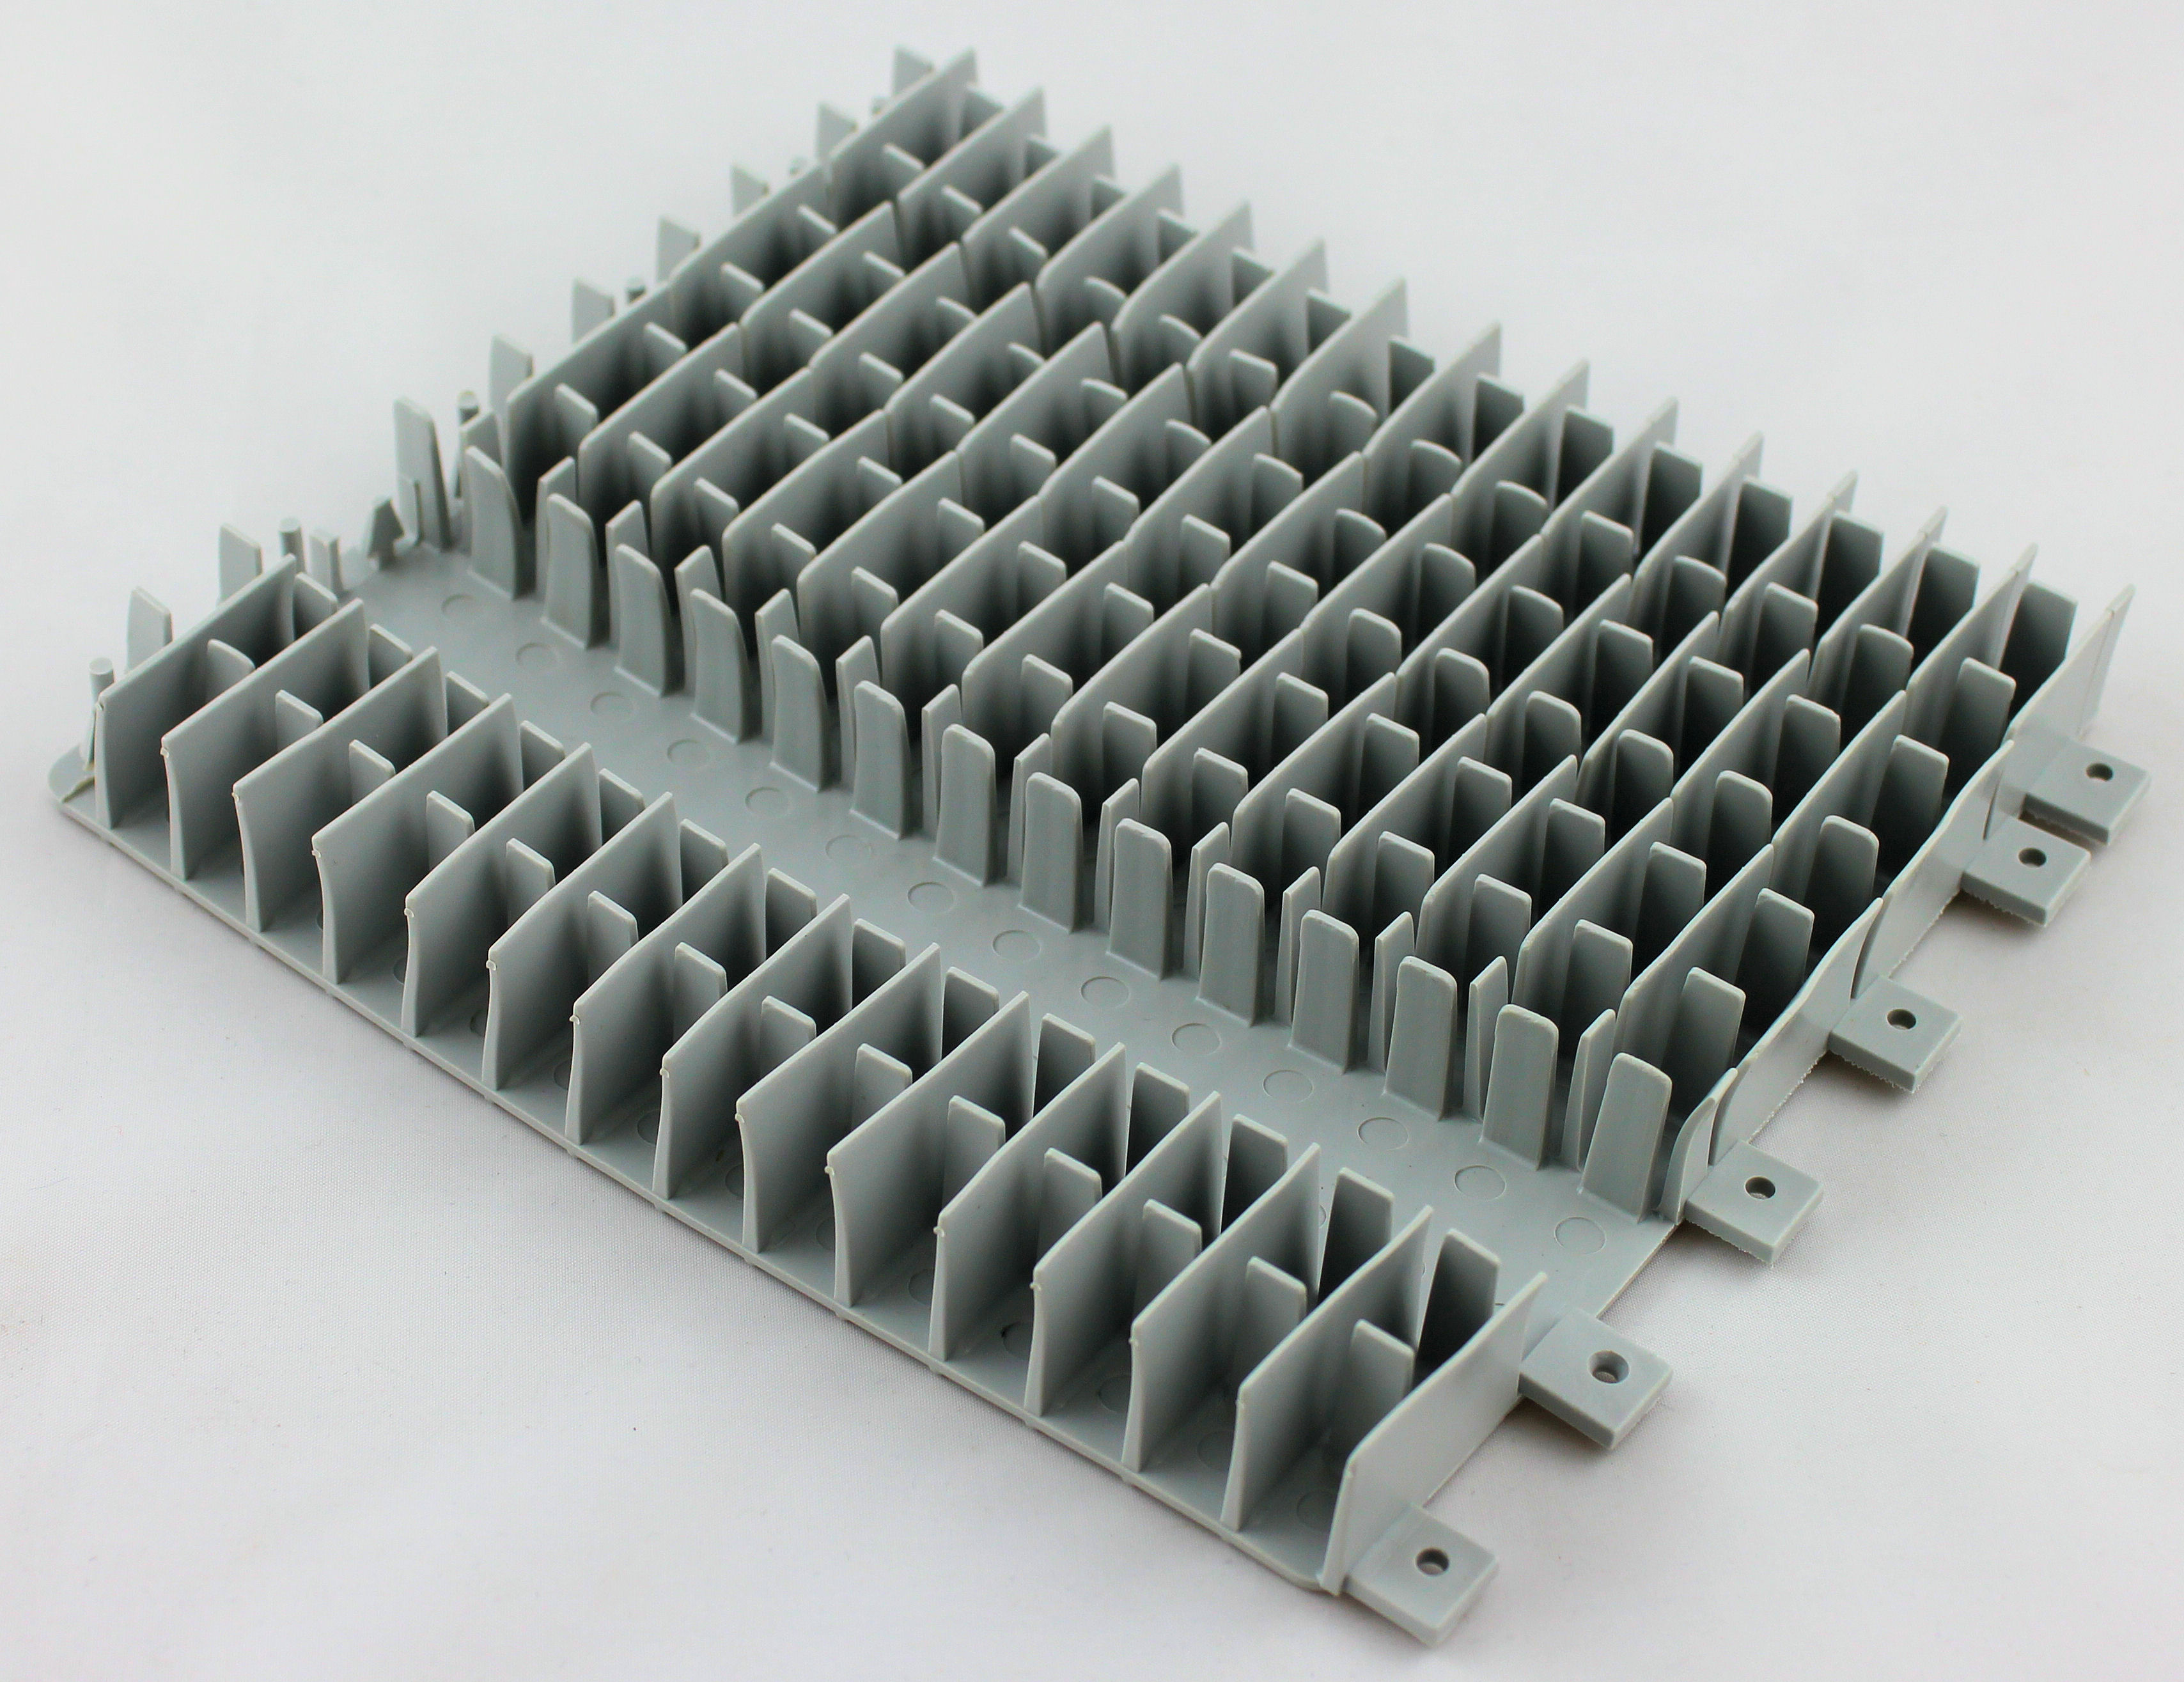 Maytronics US : Dolphin Parts : Brush PVC (Grey)